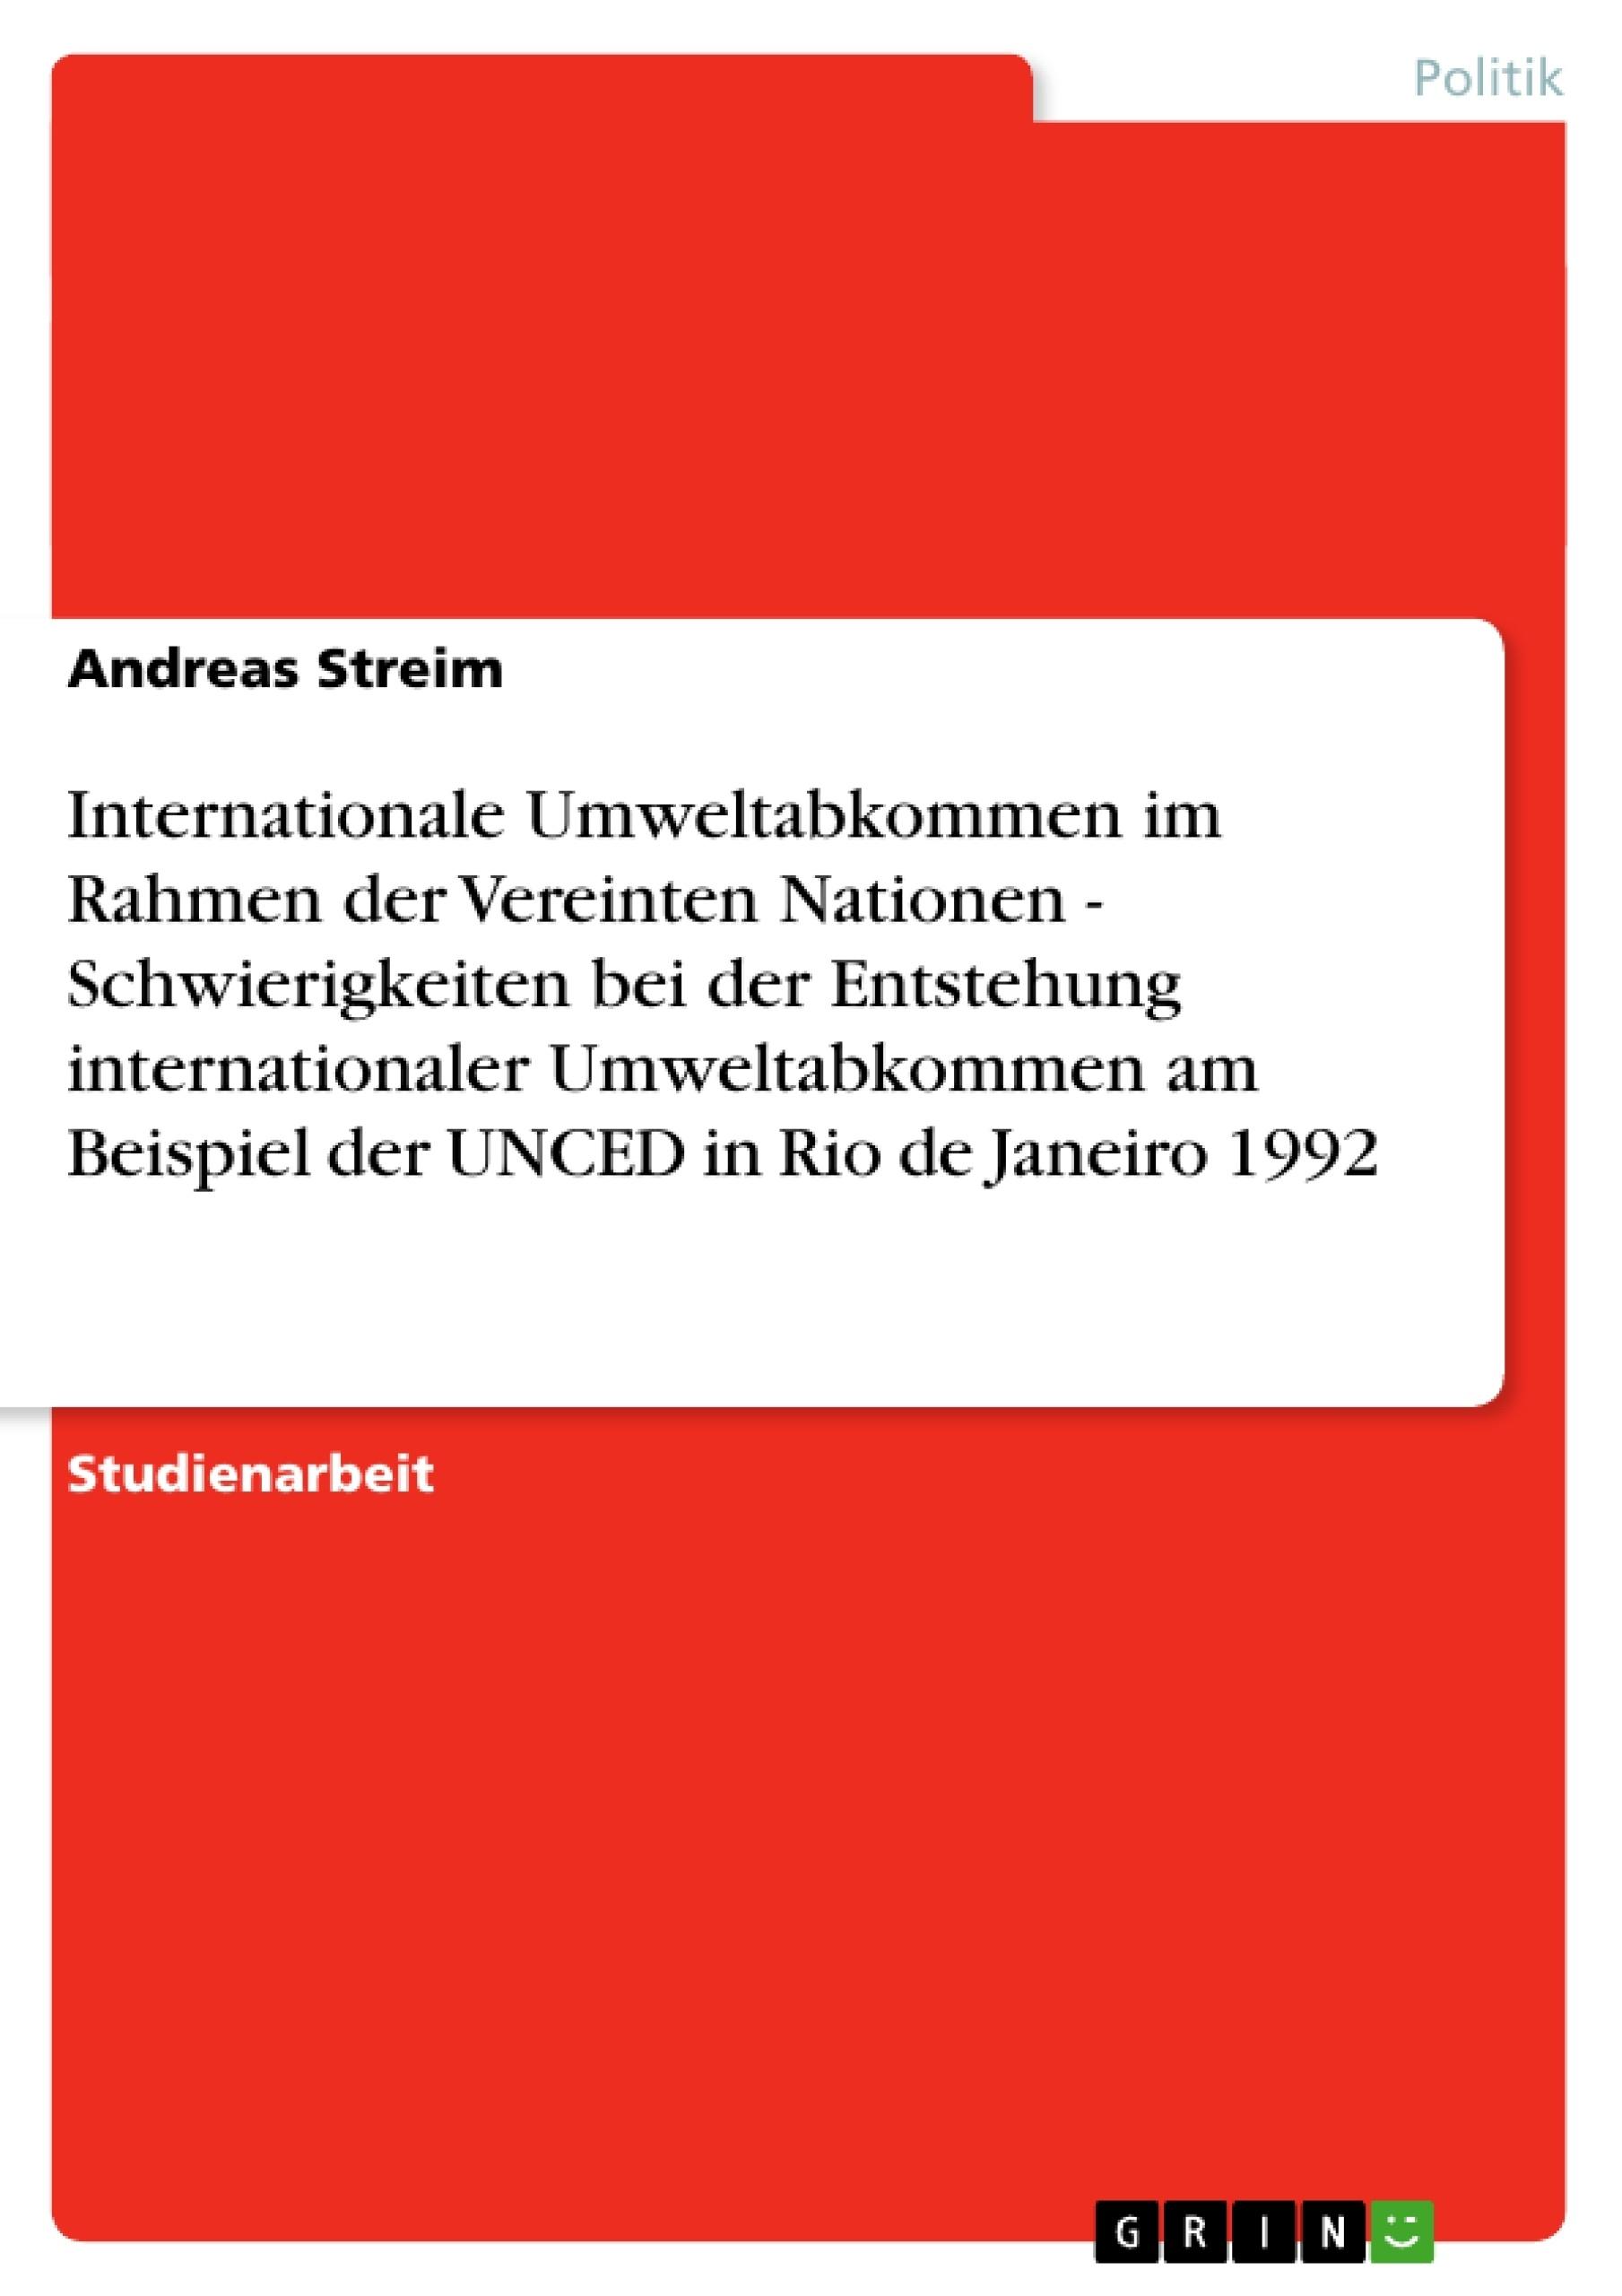 Titel: Internationale Umweltabkommen im Rahmen der Vereinten Nationen - Schwierigkeiten bei der Entstehung internationaler Umweltabkommen am Beispiel der UNCED in Rio de Janeiro 1992